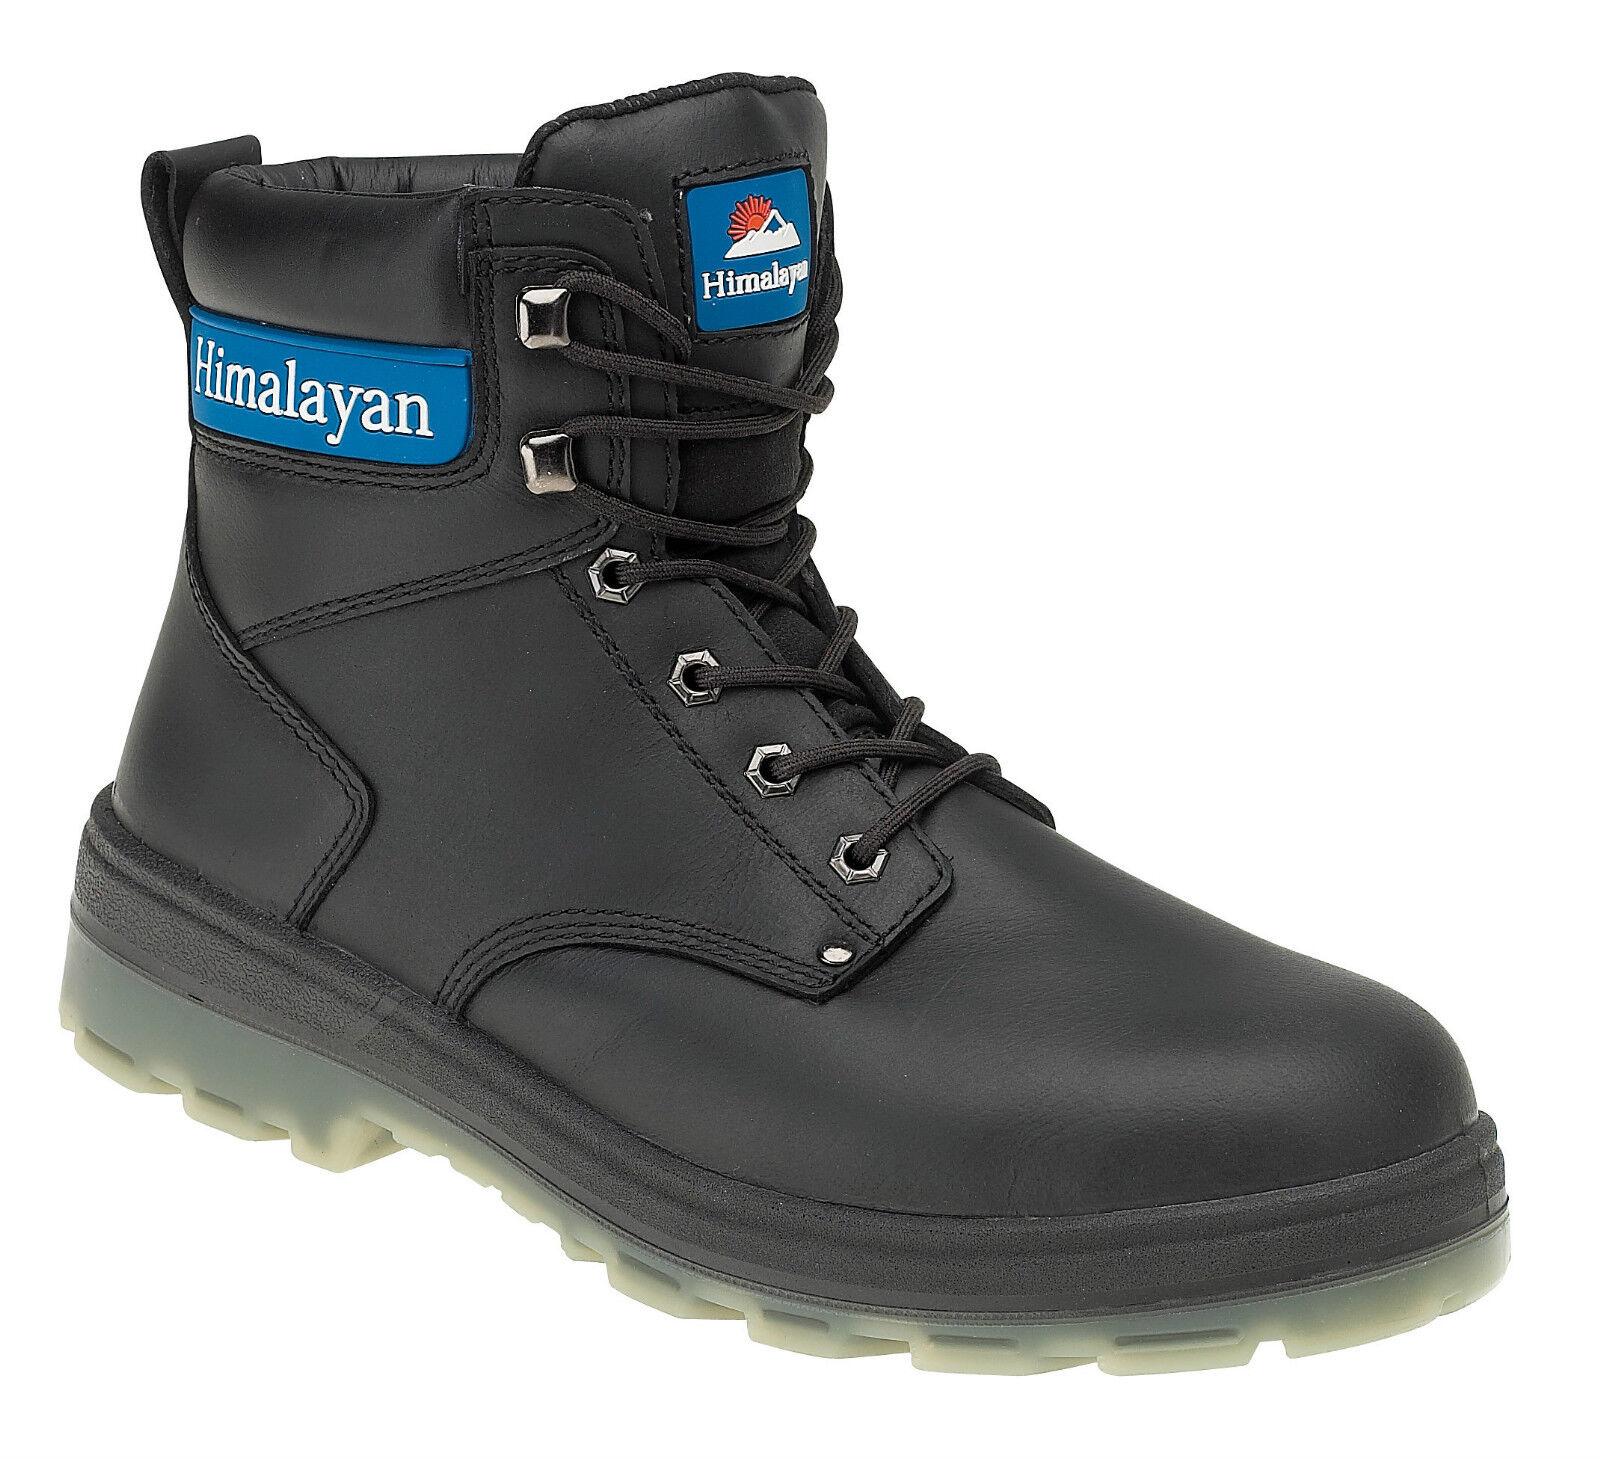 Himalayan 5015 s3 SRC Acciaio In Pelle Nera Punta Acciaio SRC Stivali Di Sicurezza Lavoro Stivale PPE 886737